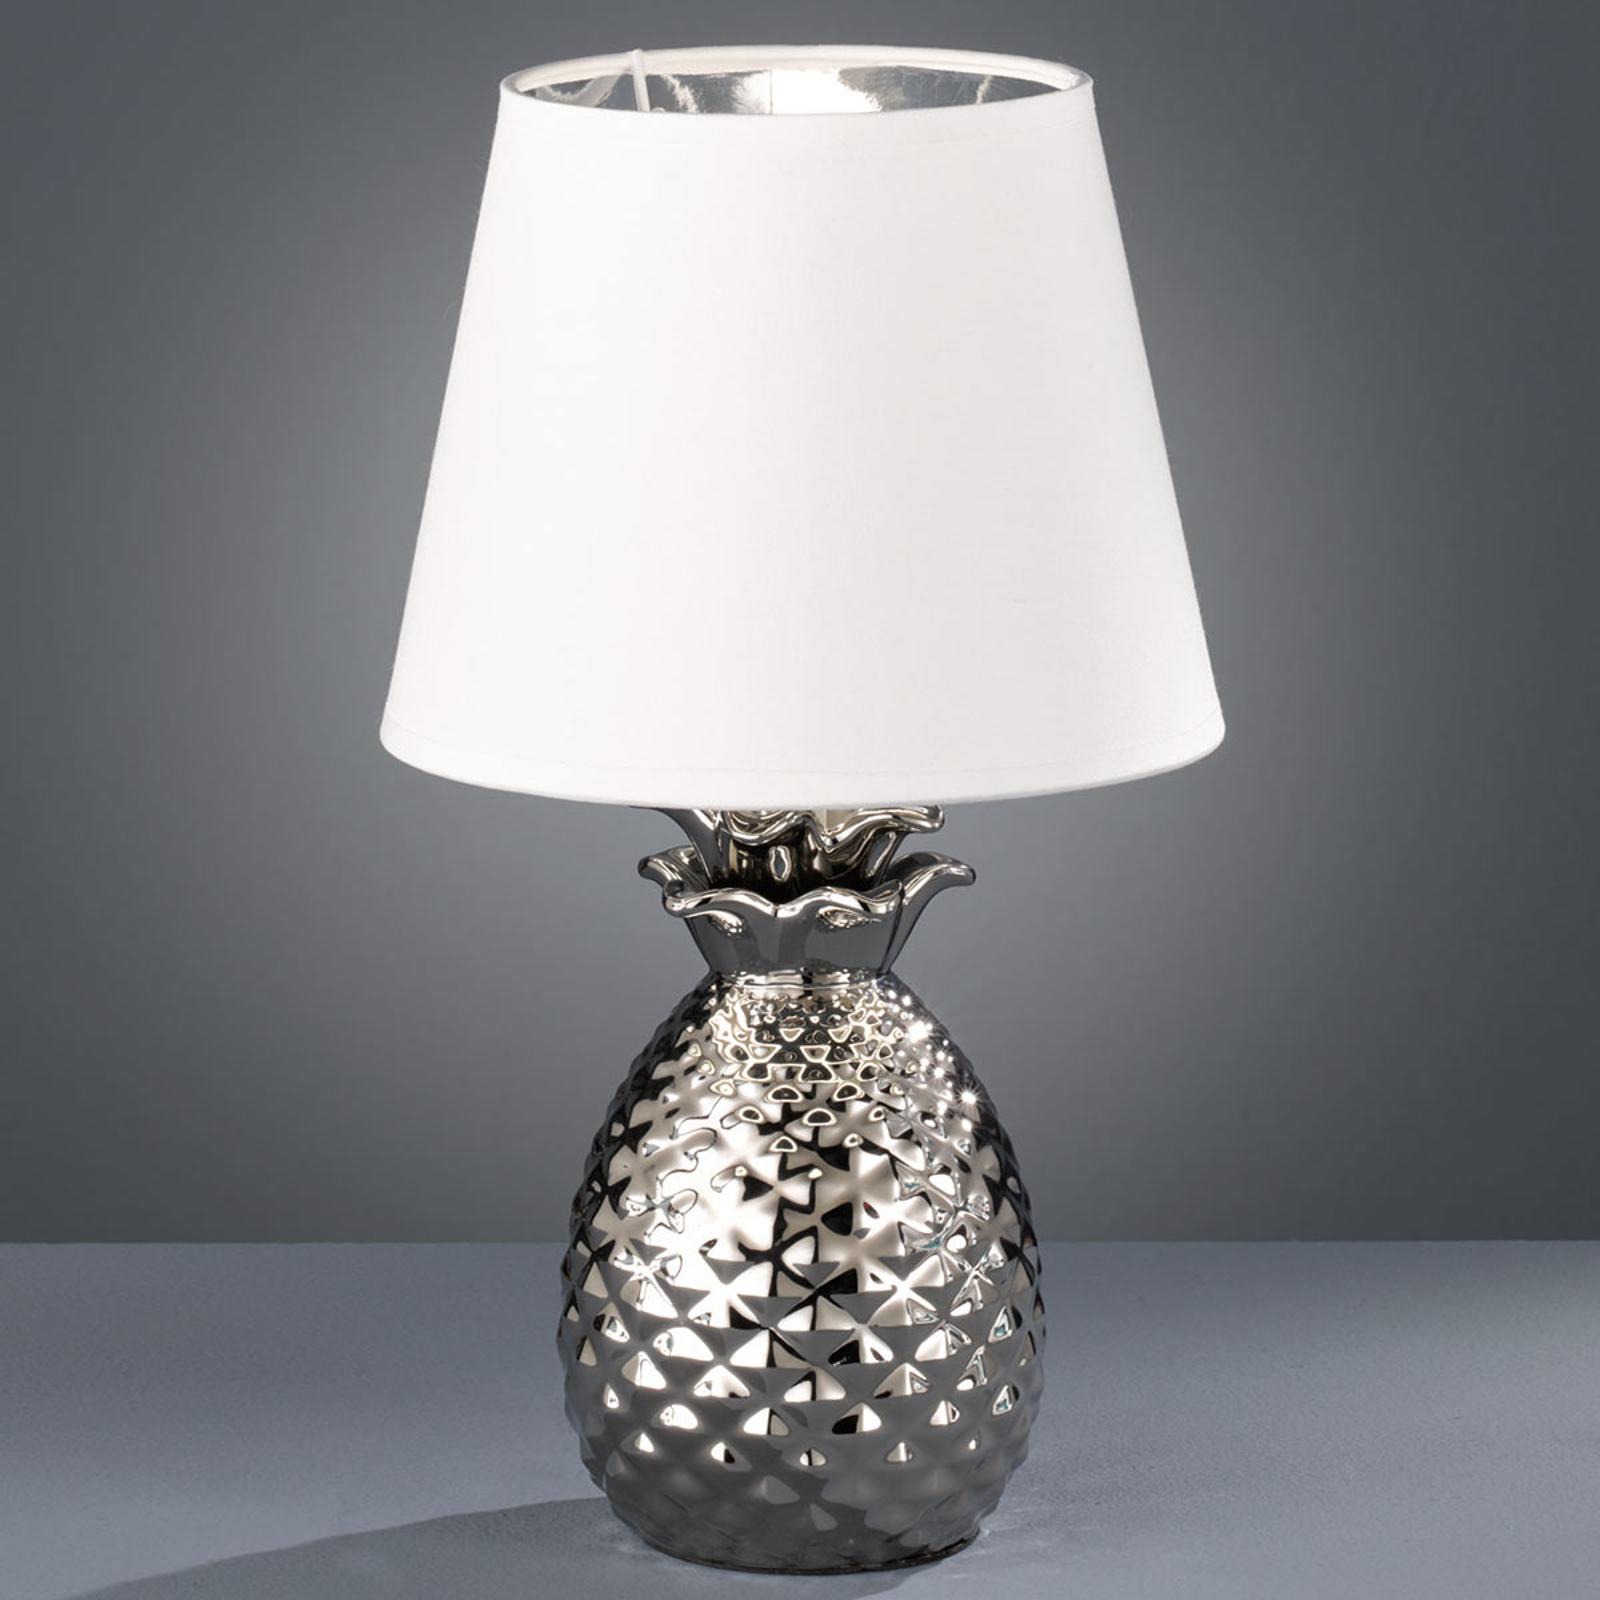 Decoratieve keramische tafellamp Pineapple, zilver